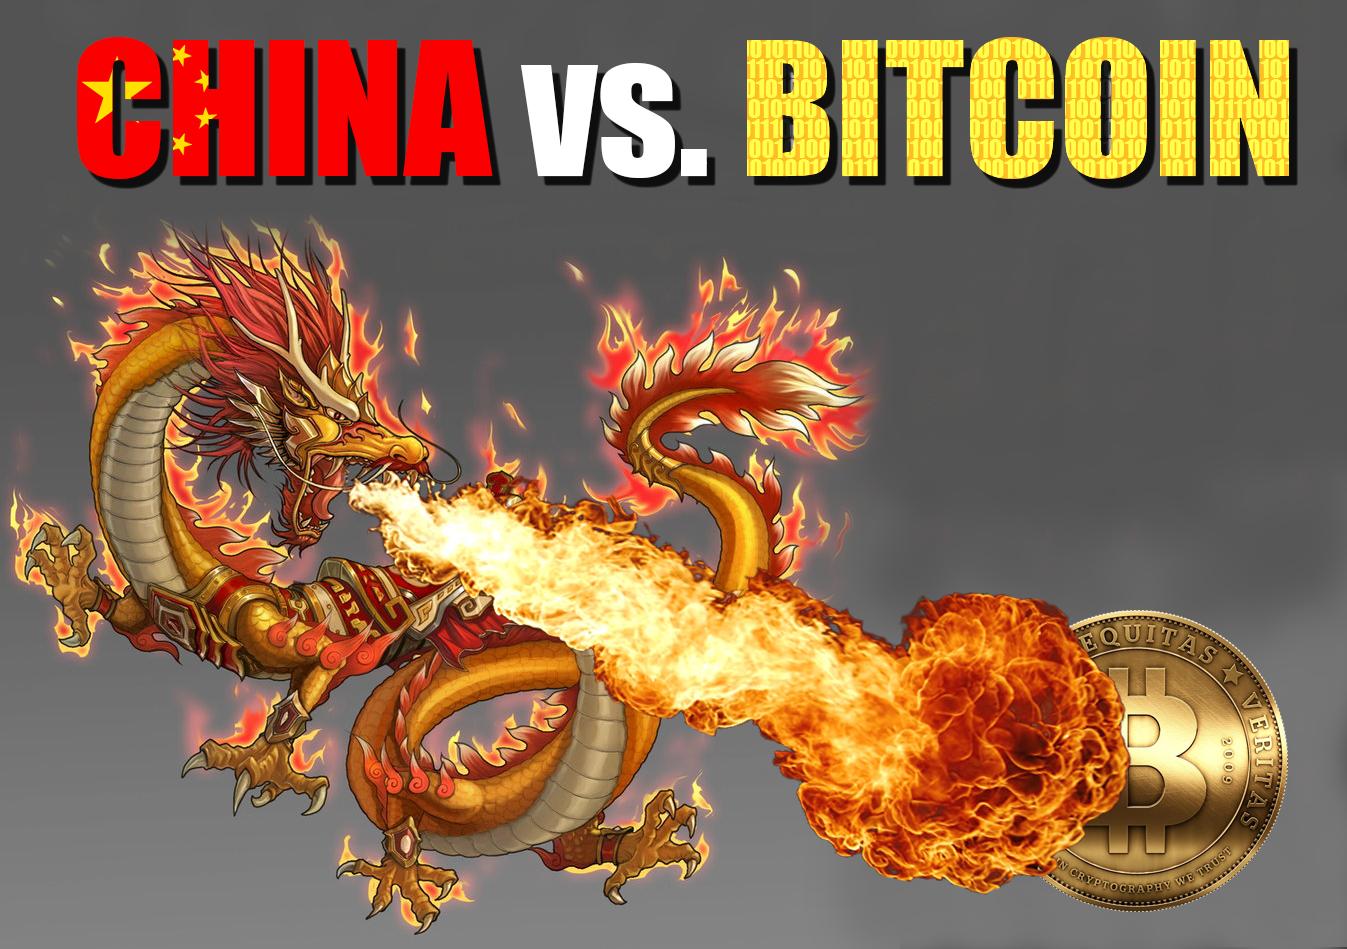 Криптовалюты и блокчейны в Китае живы, несмотря на репрессии